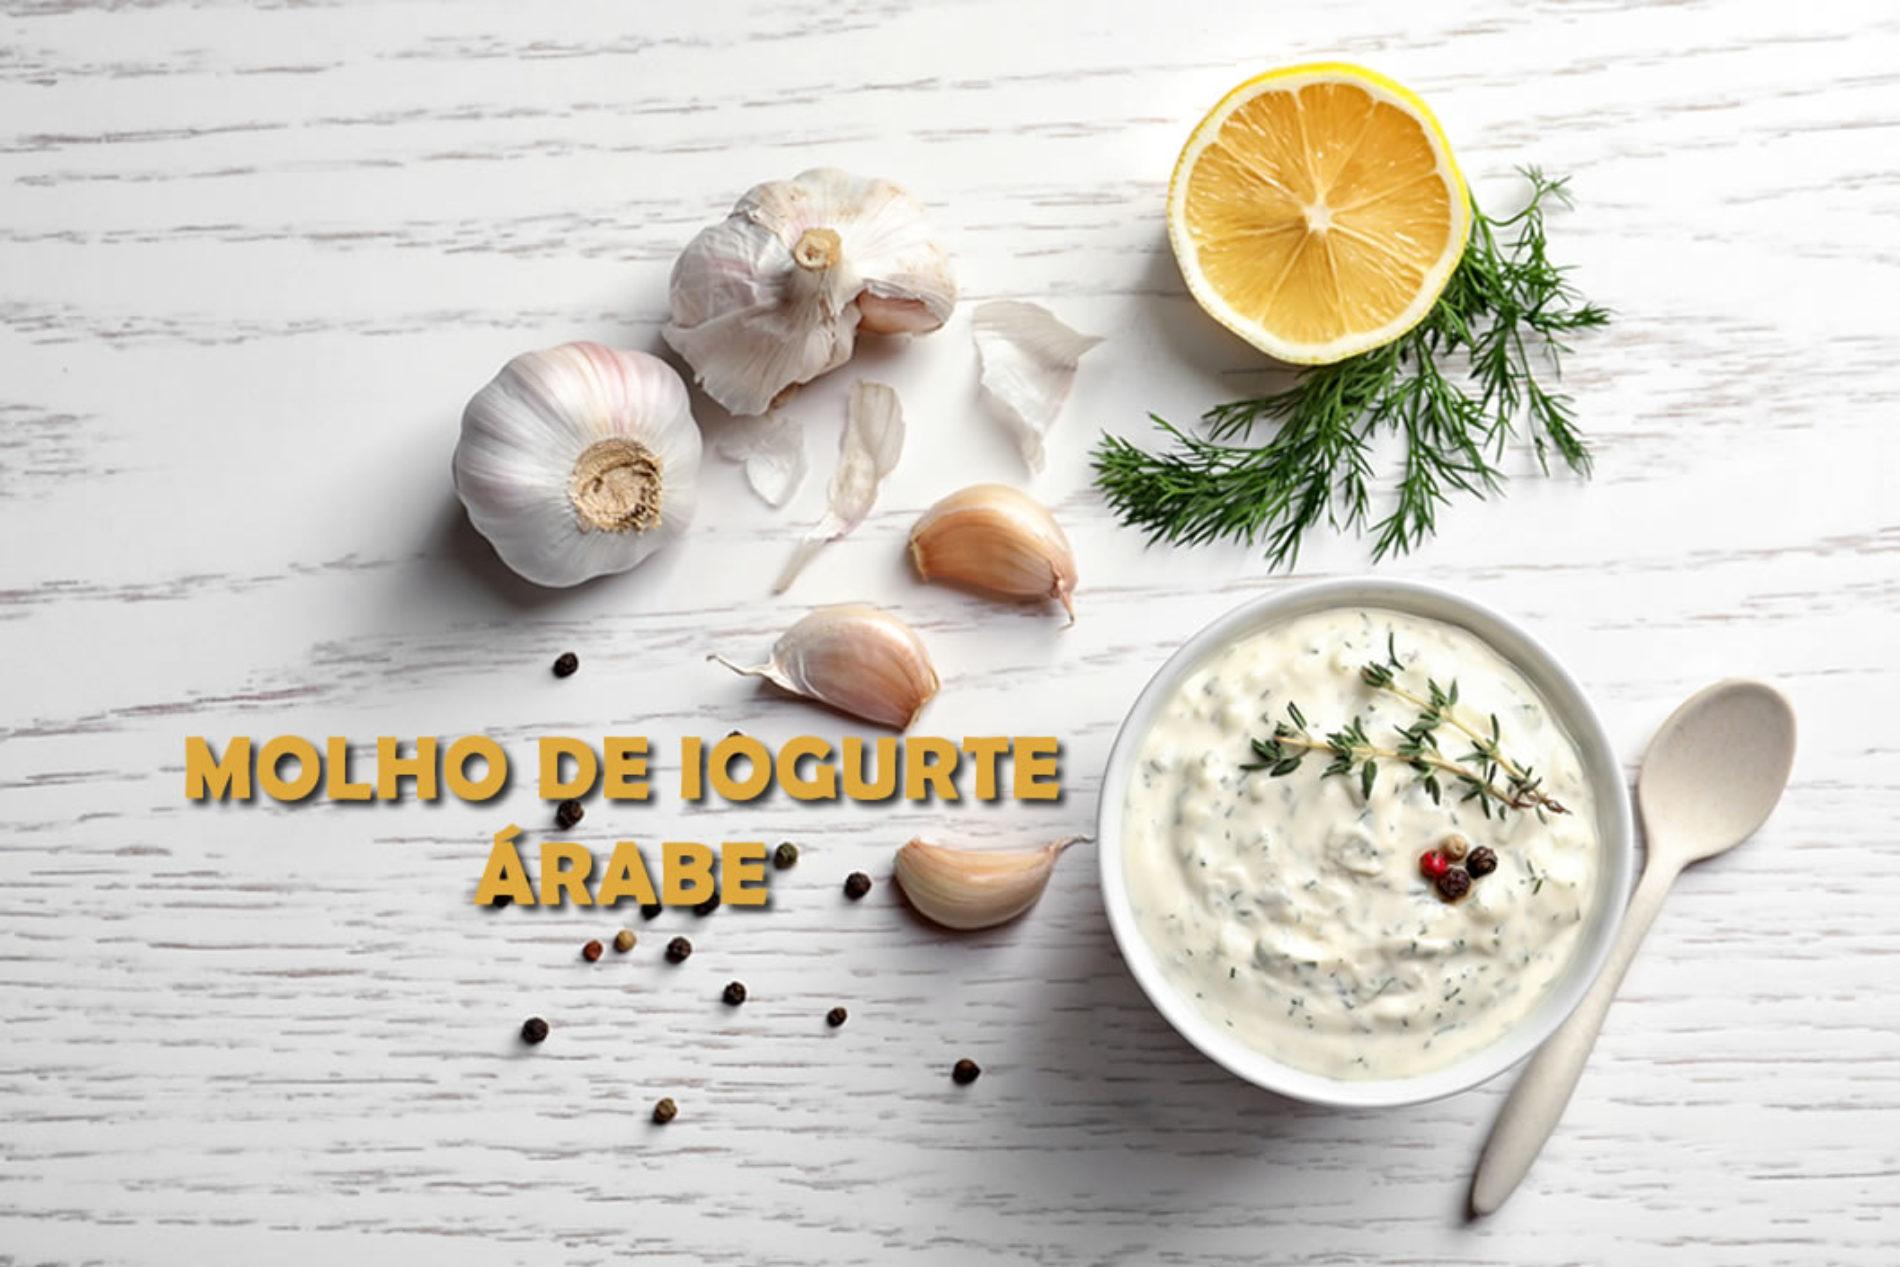 Molho de iogurte Árabe FIT com requeijão e batatas